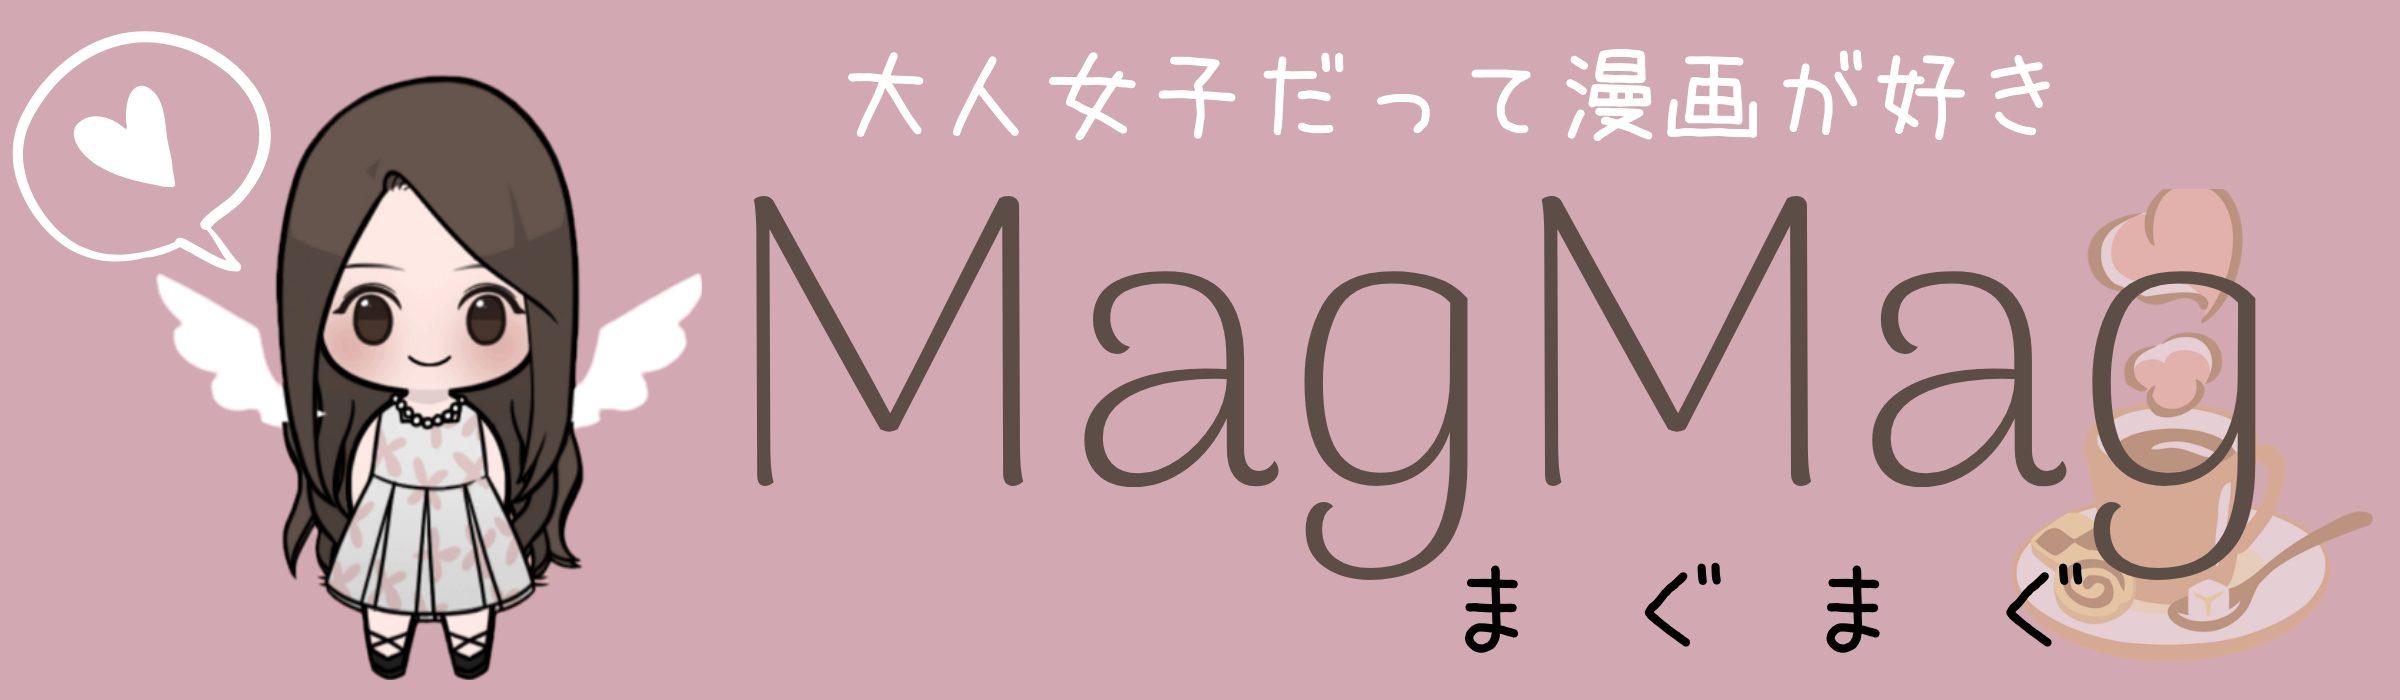 大人マンガのネタバレ/無料&お得に読む方法を紹介!